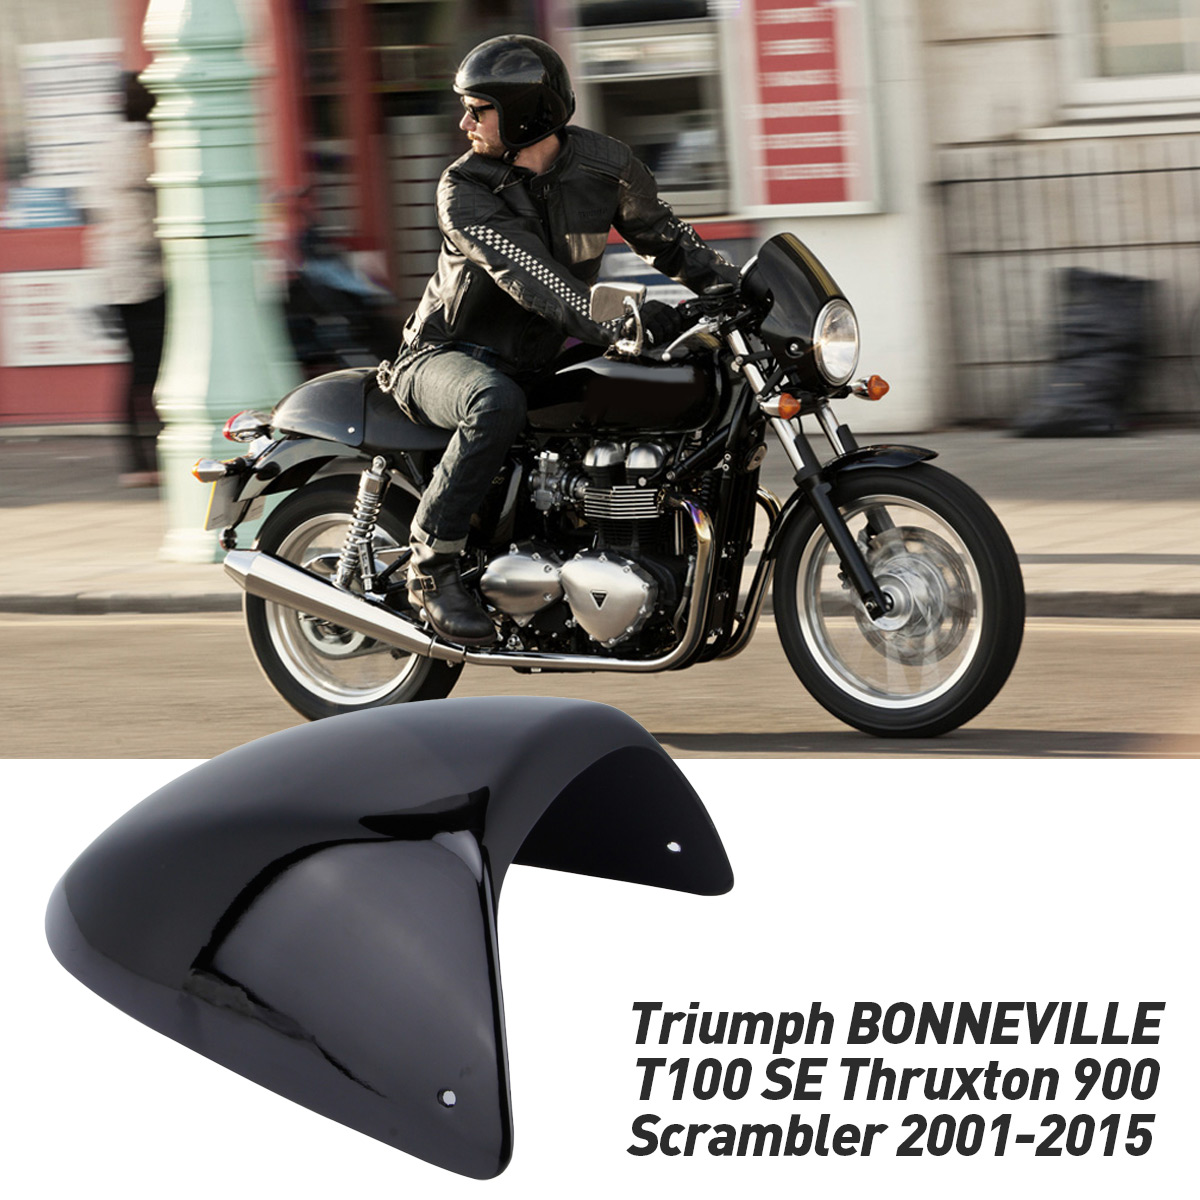 Triumph bonneville single seat cowl